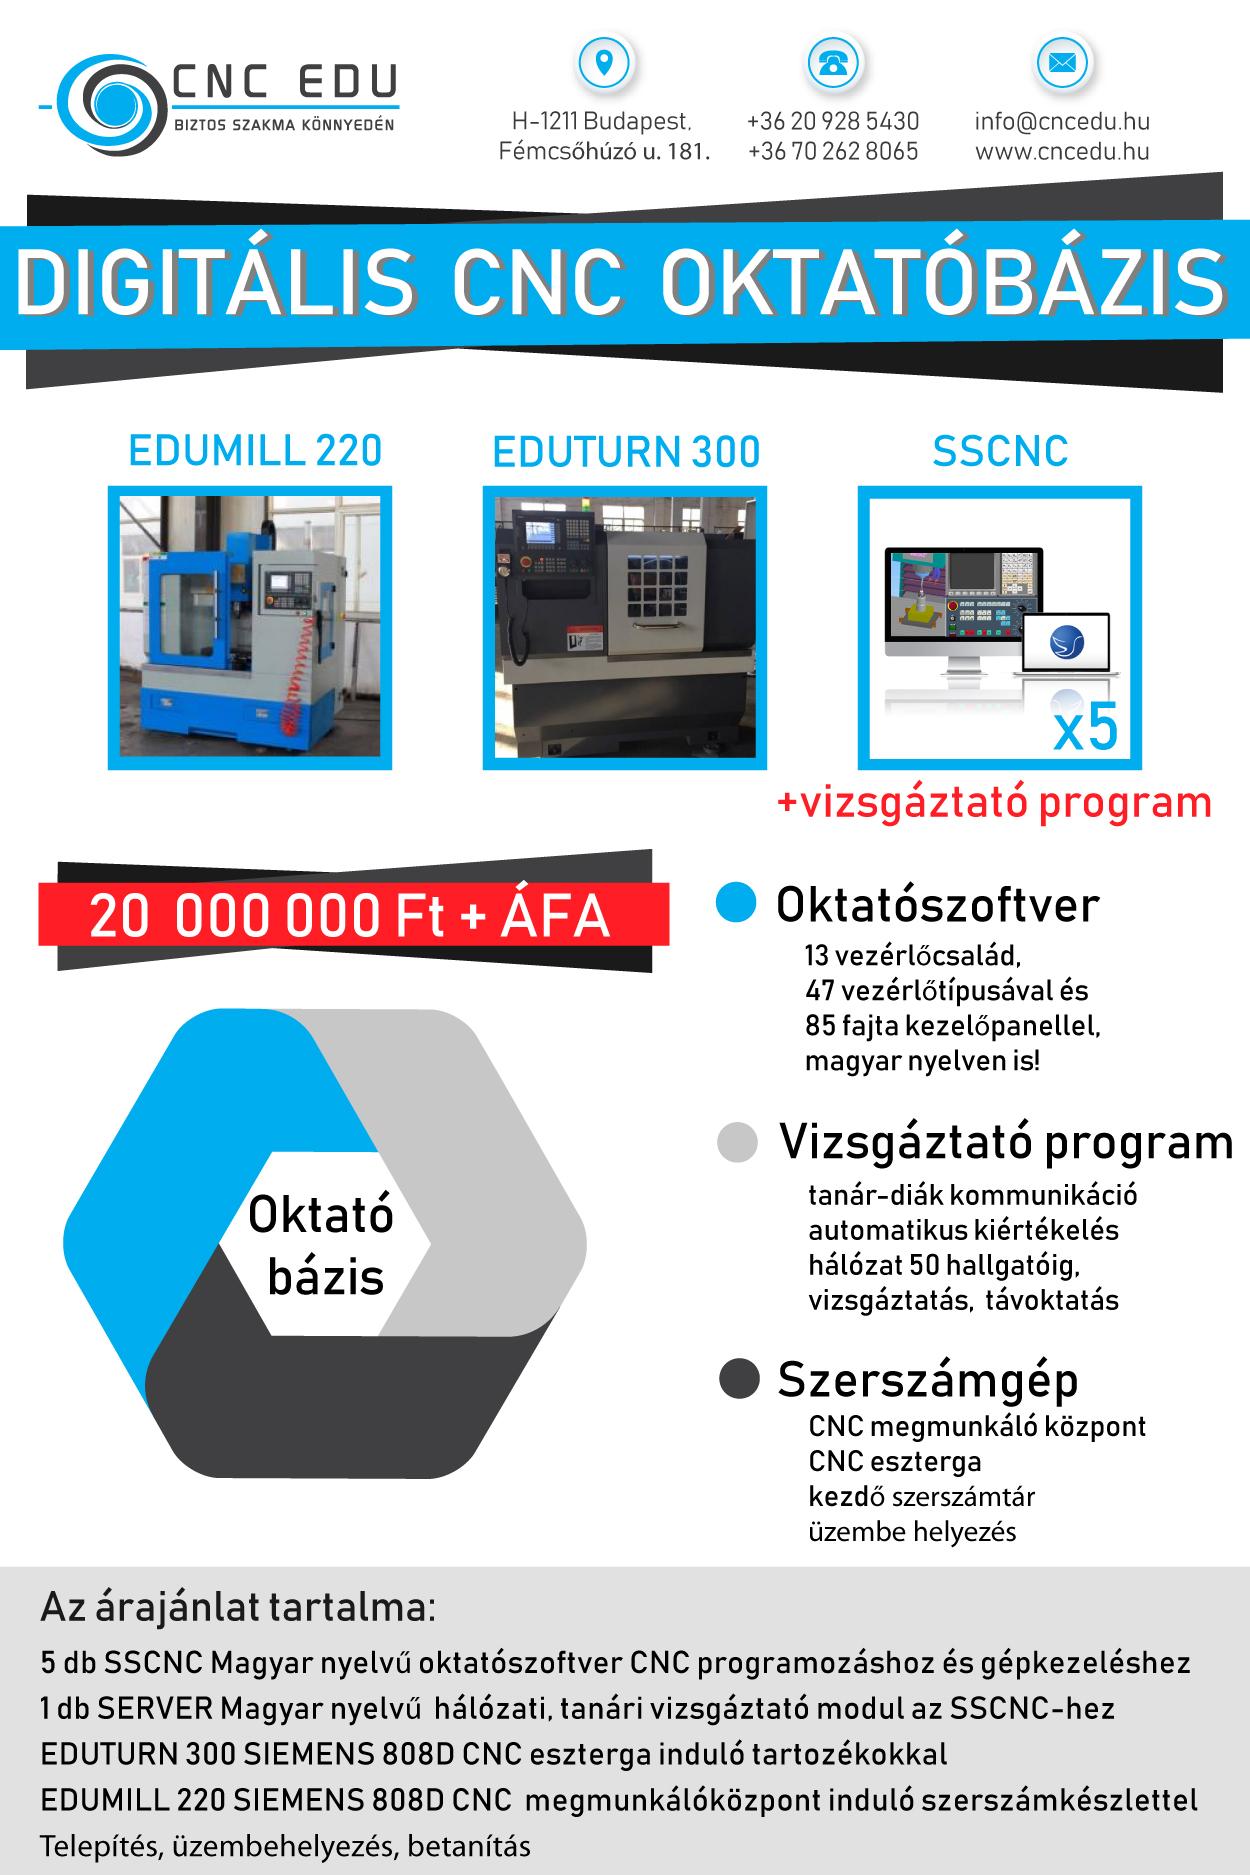 Digitális CNC oktatóbázis